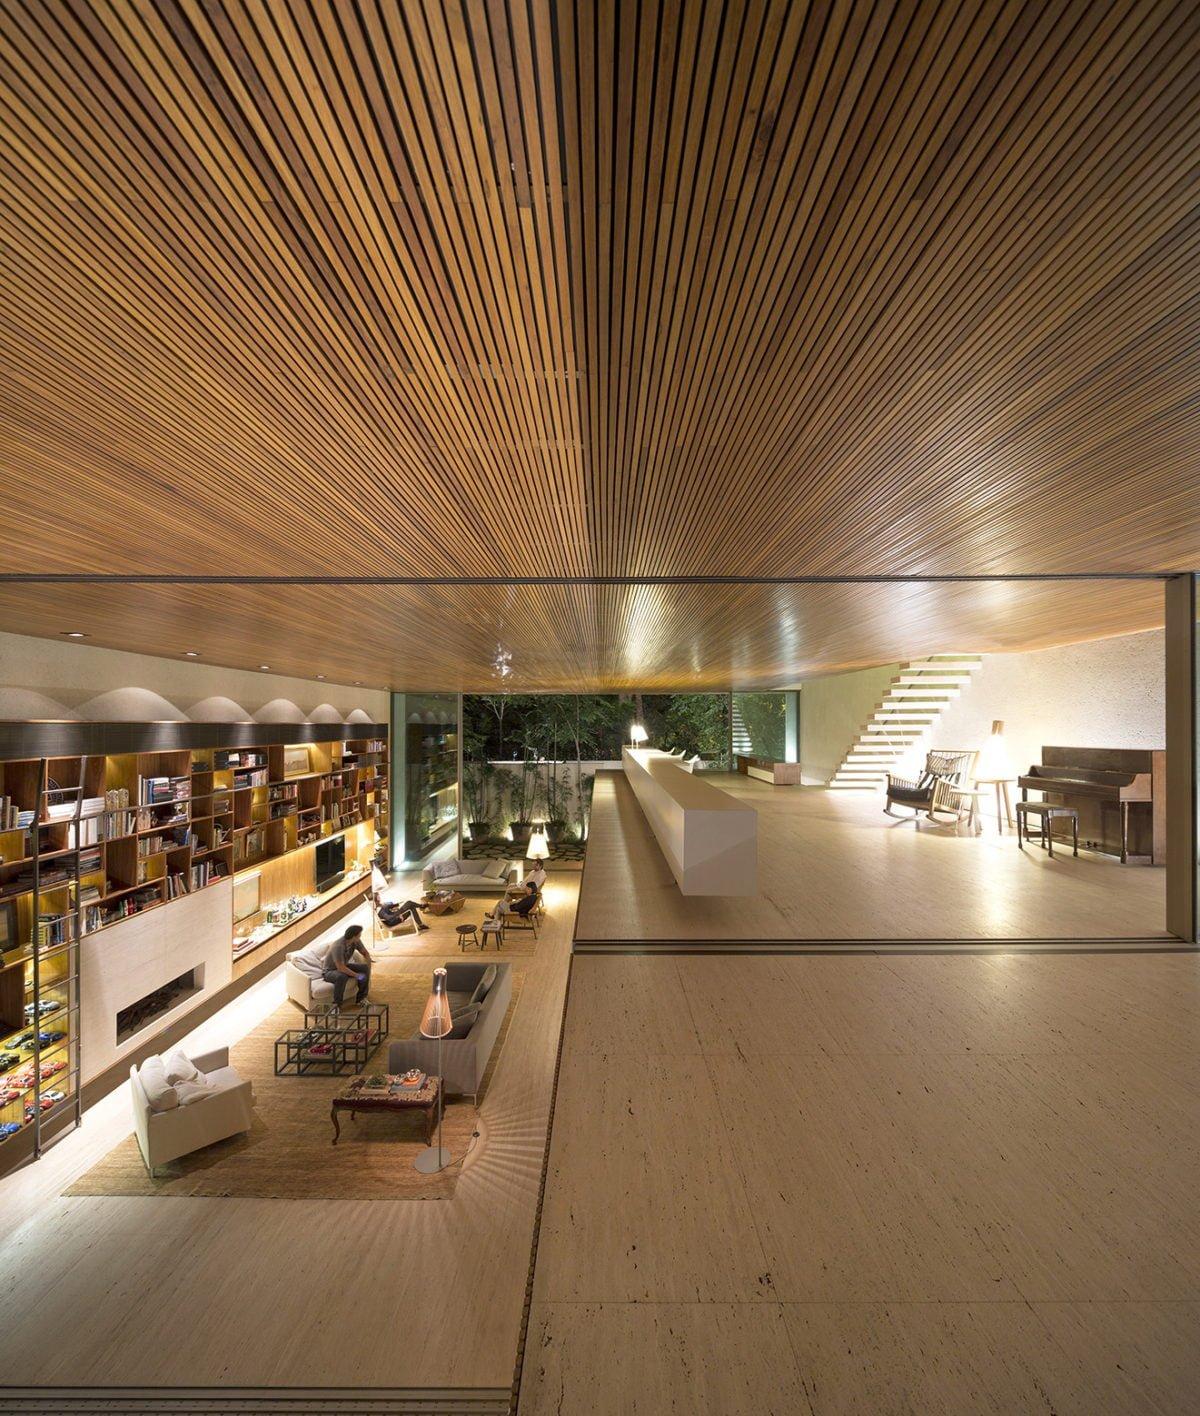 13Tetris House In São Paulo Brazil By Studiomk27 24 Ngôi nhà lấy ý tưởng từ trò chơi xếp hình TETRIS qpdesign